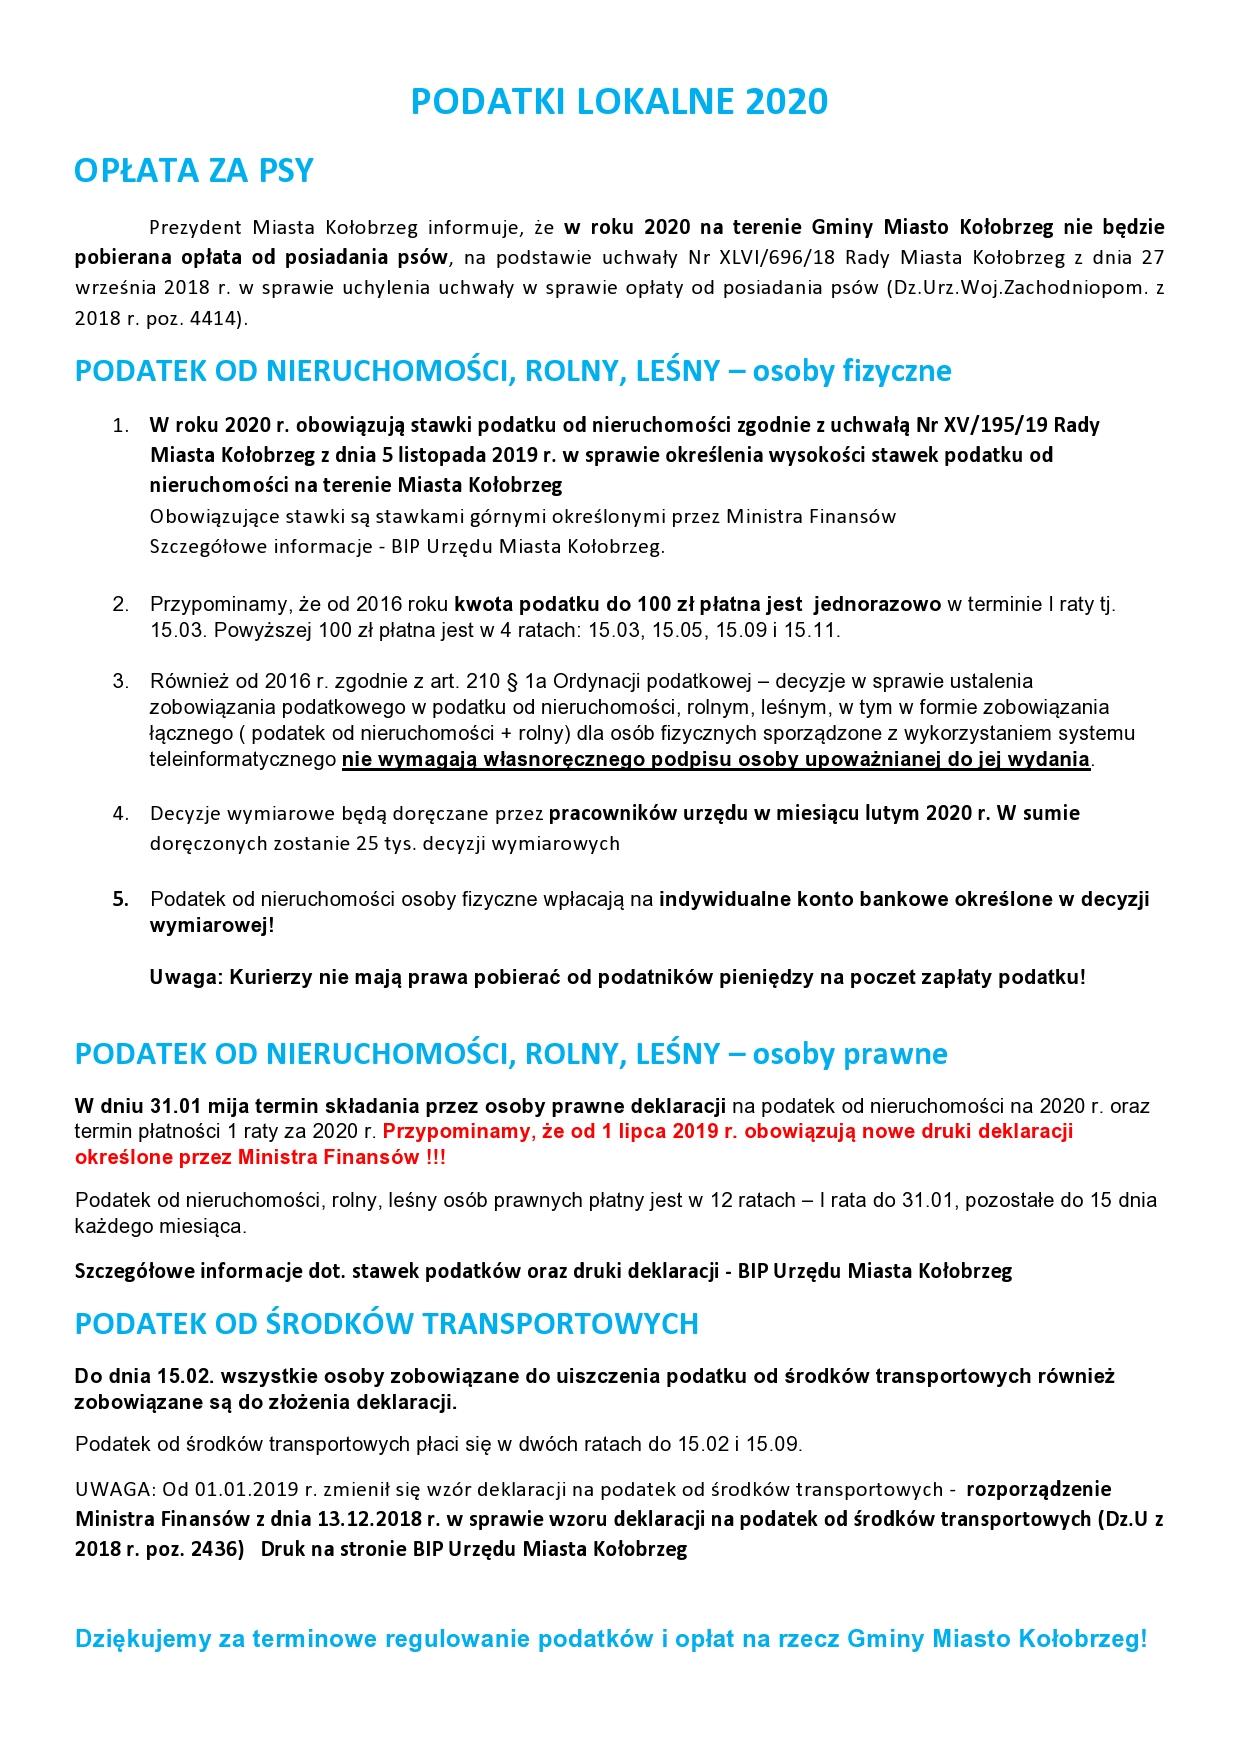 PODATKI LOKALNE 2020 informacja page0001 - Urzędnicy roznoszą po domach decyzje podatkowe